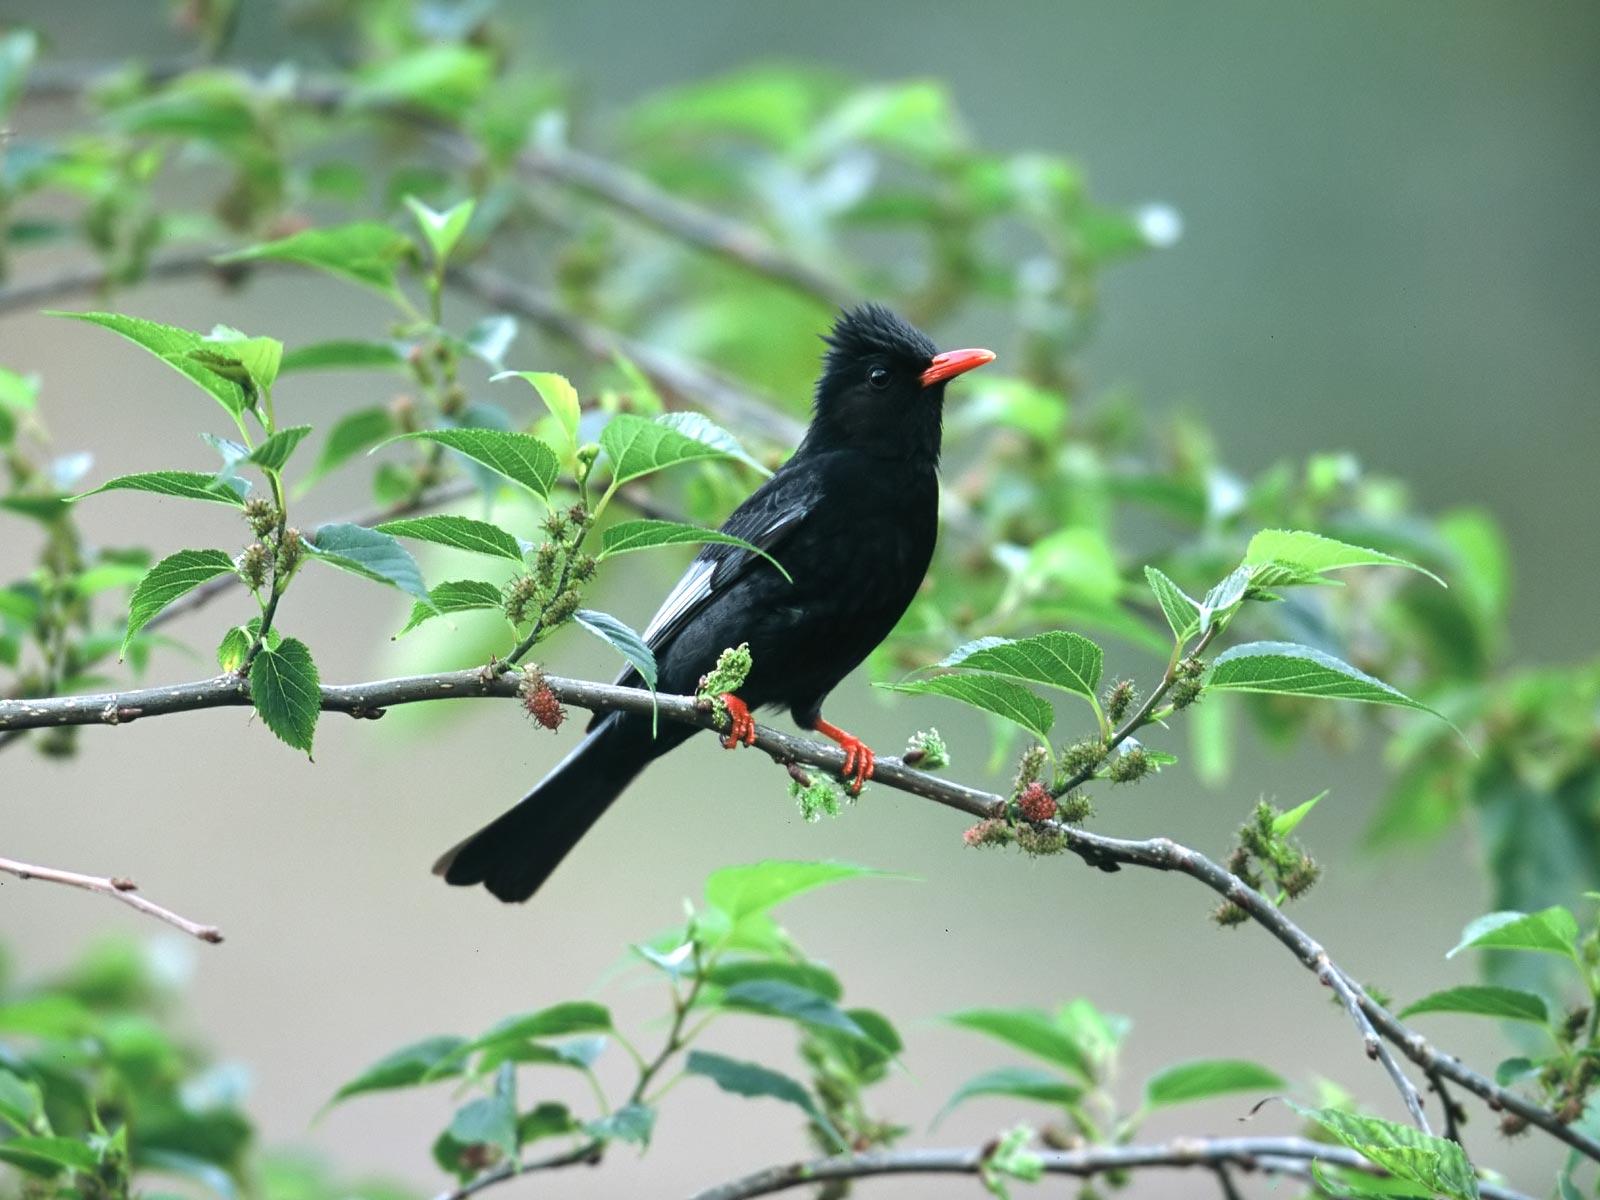 بالصور صور طيور , بدقة عالية شاهد صور طيور مختلفة ومتنوعة 4275 6